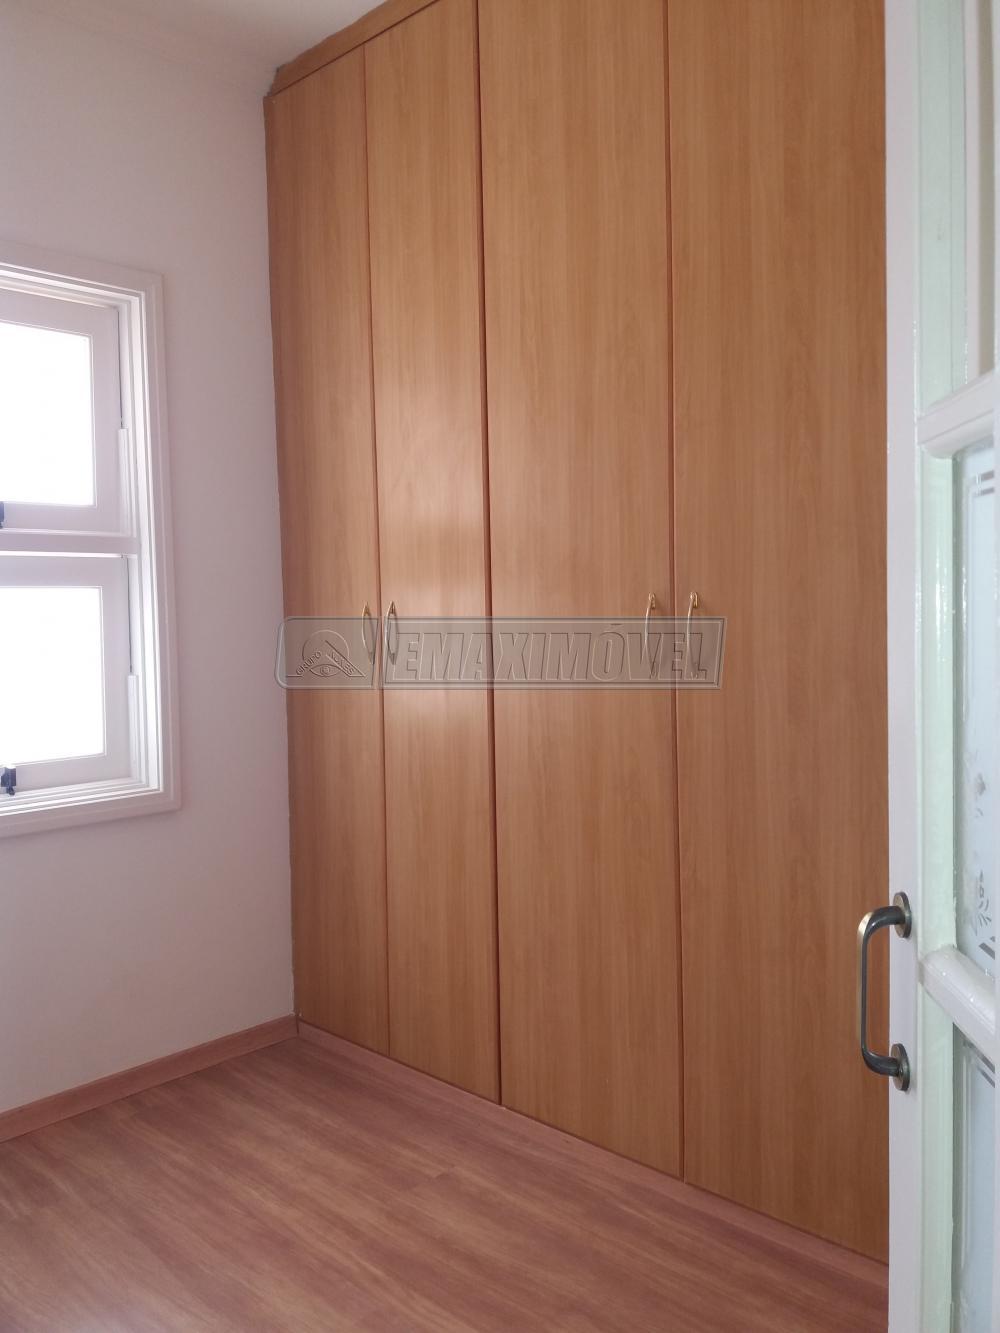 Alugar Casas / em Condomínios em Sorocaba apenas R$ 2.800,00 - Foto 30